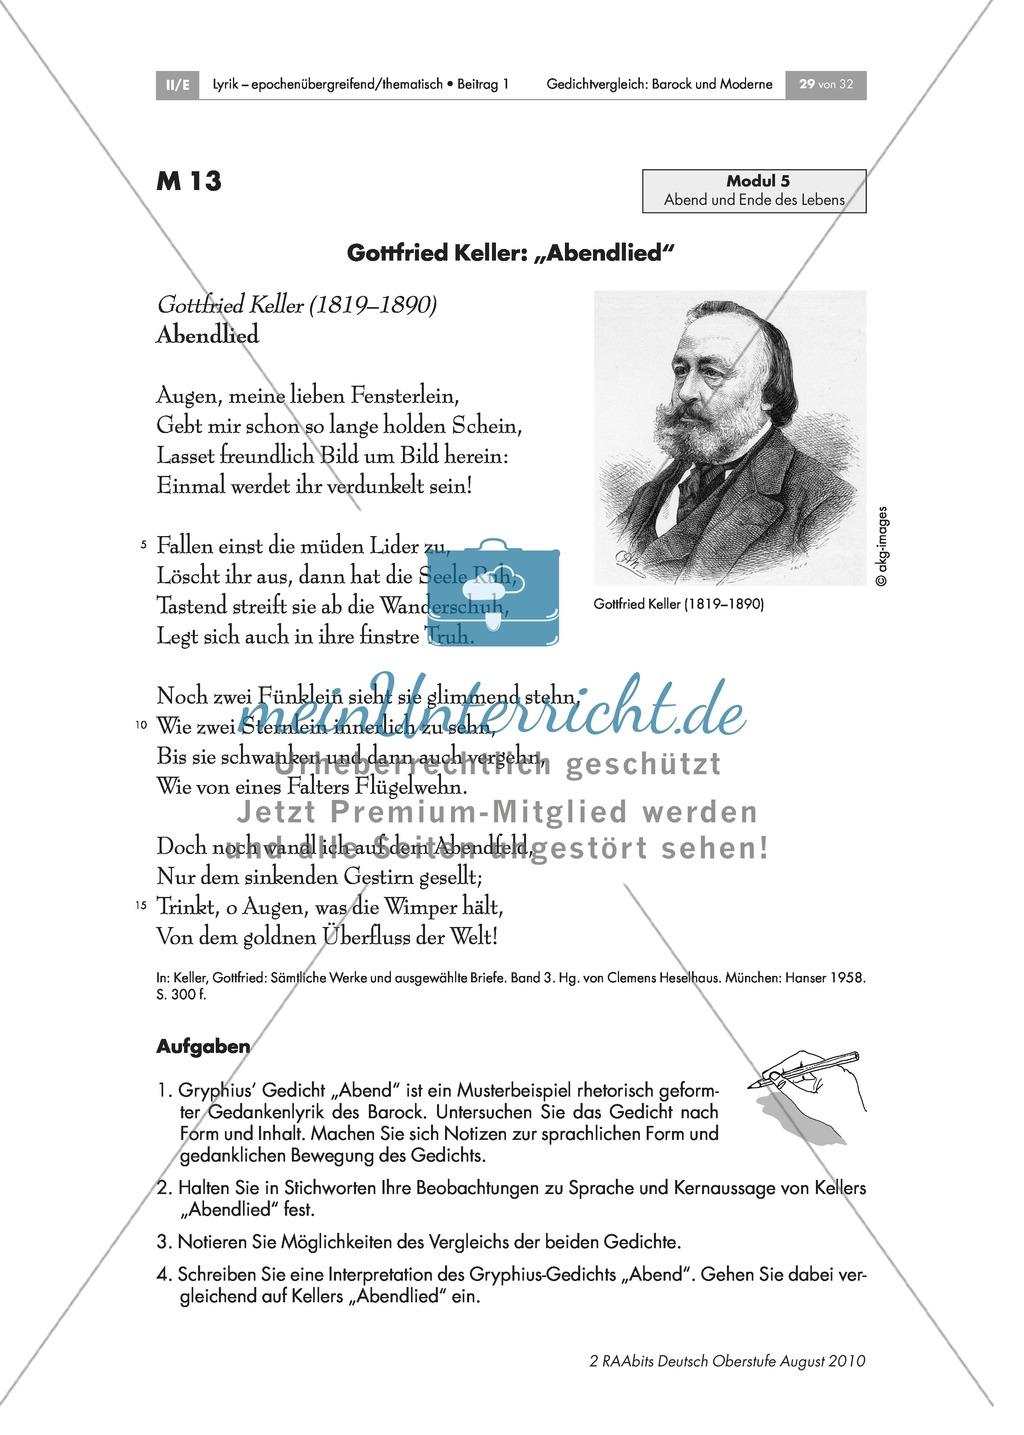 Gedichtvergleich barocker Gedichte mit moderner Lyrik: Abend: Ende der Lebensreise: Andreas Gryphius: